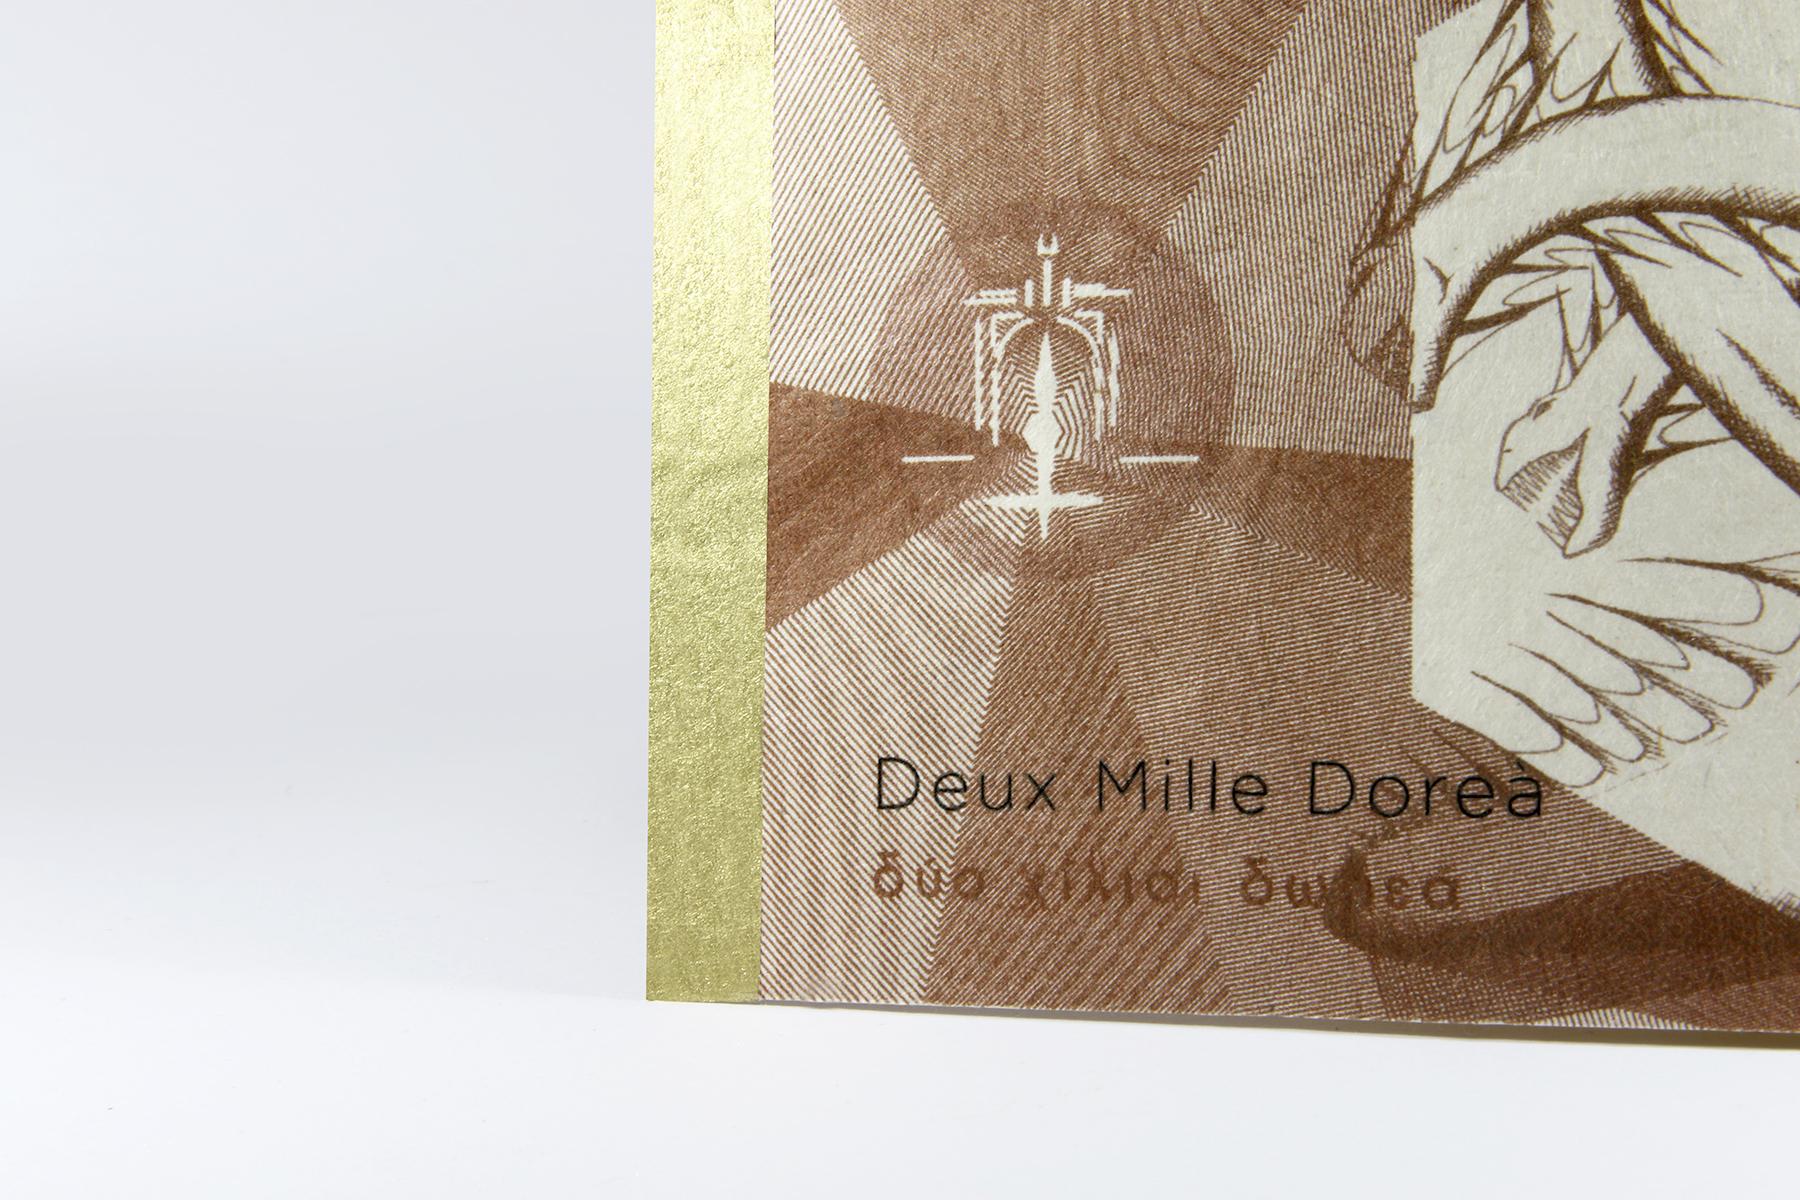 Création D'une Monnaie Fictive Des Dieux Grecs - Lise Tuillier serapportantà Monnaie Fictive